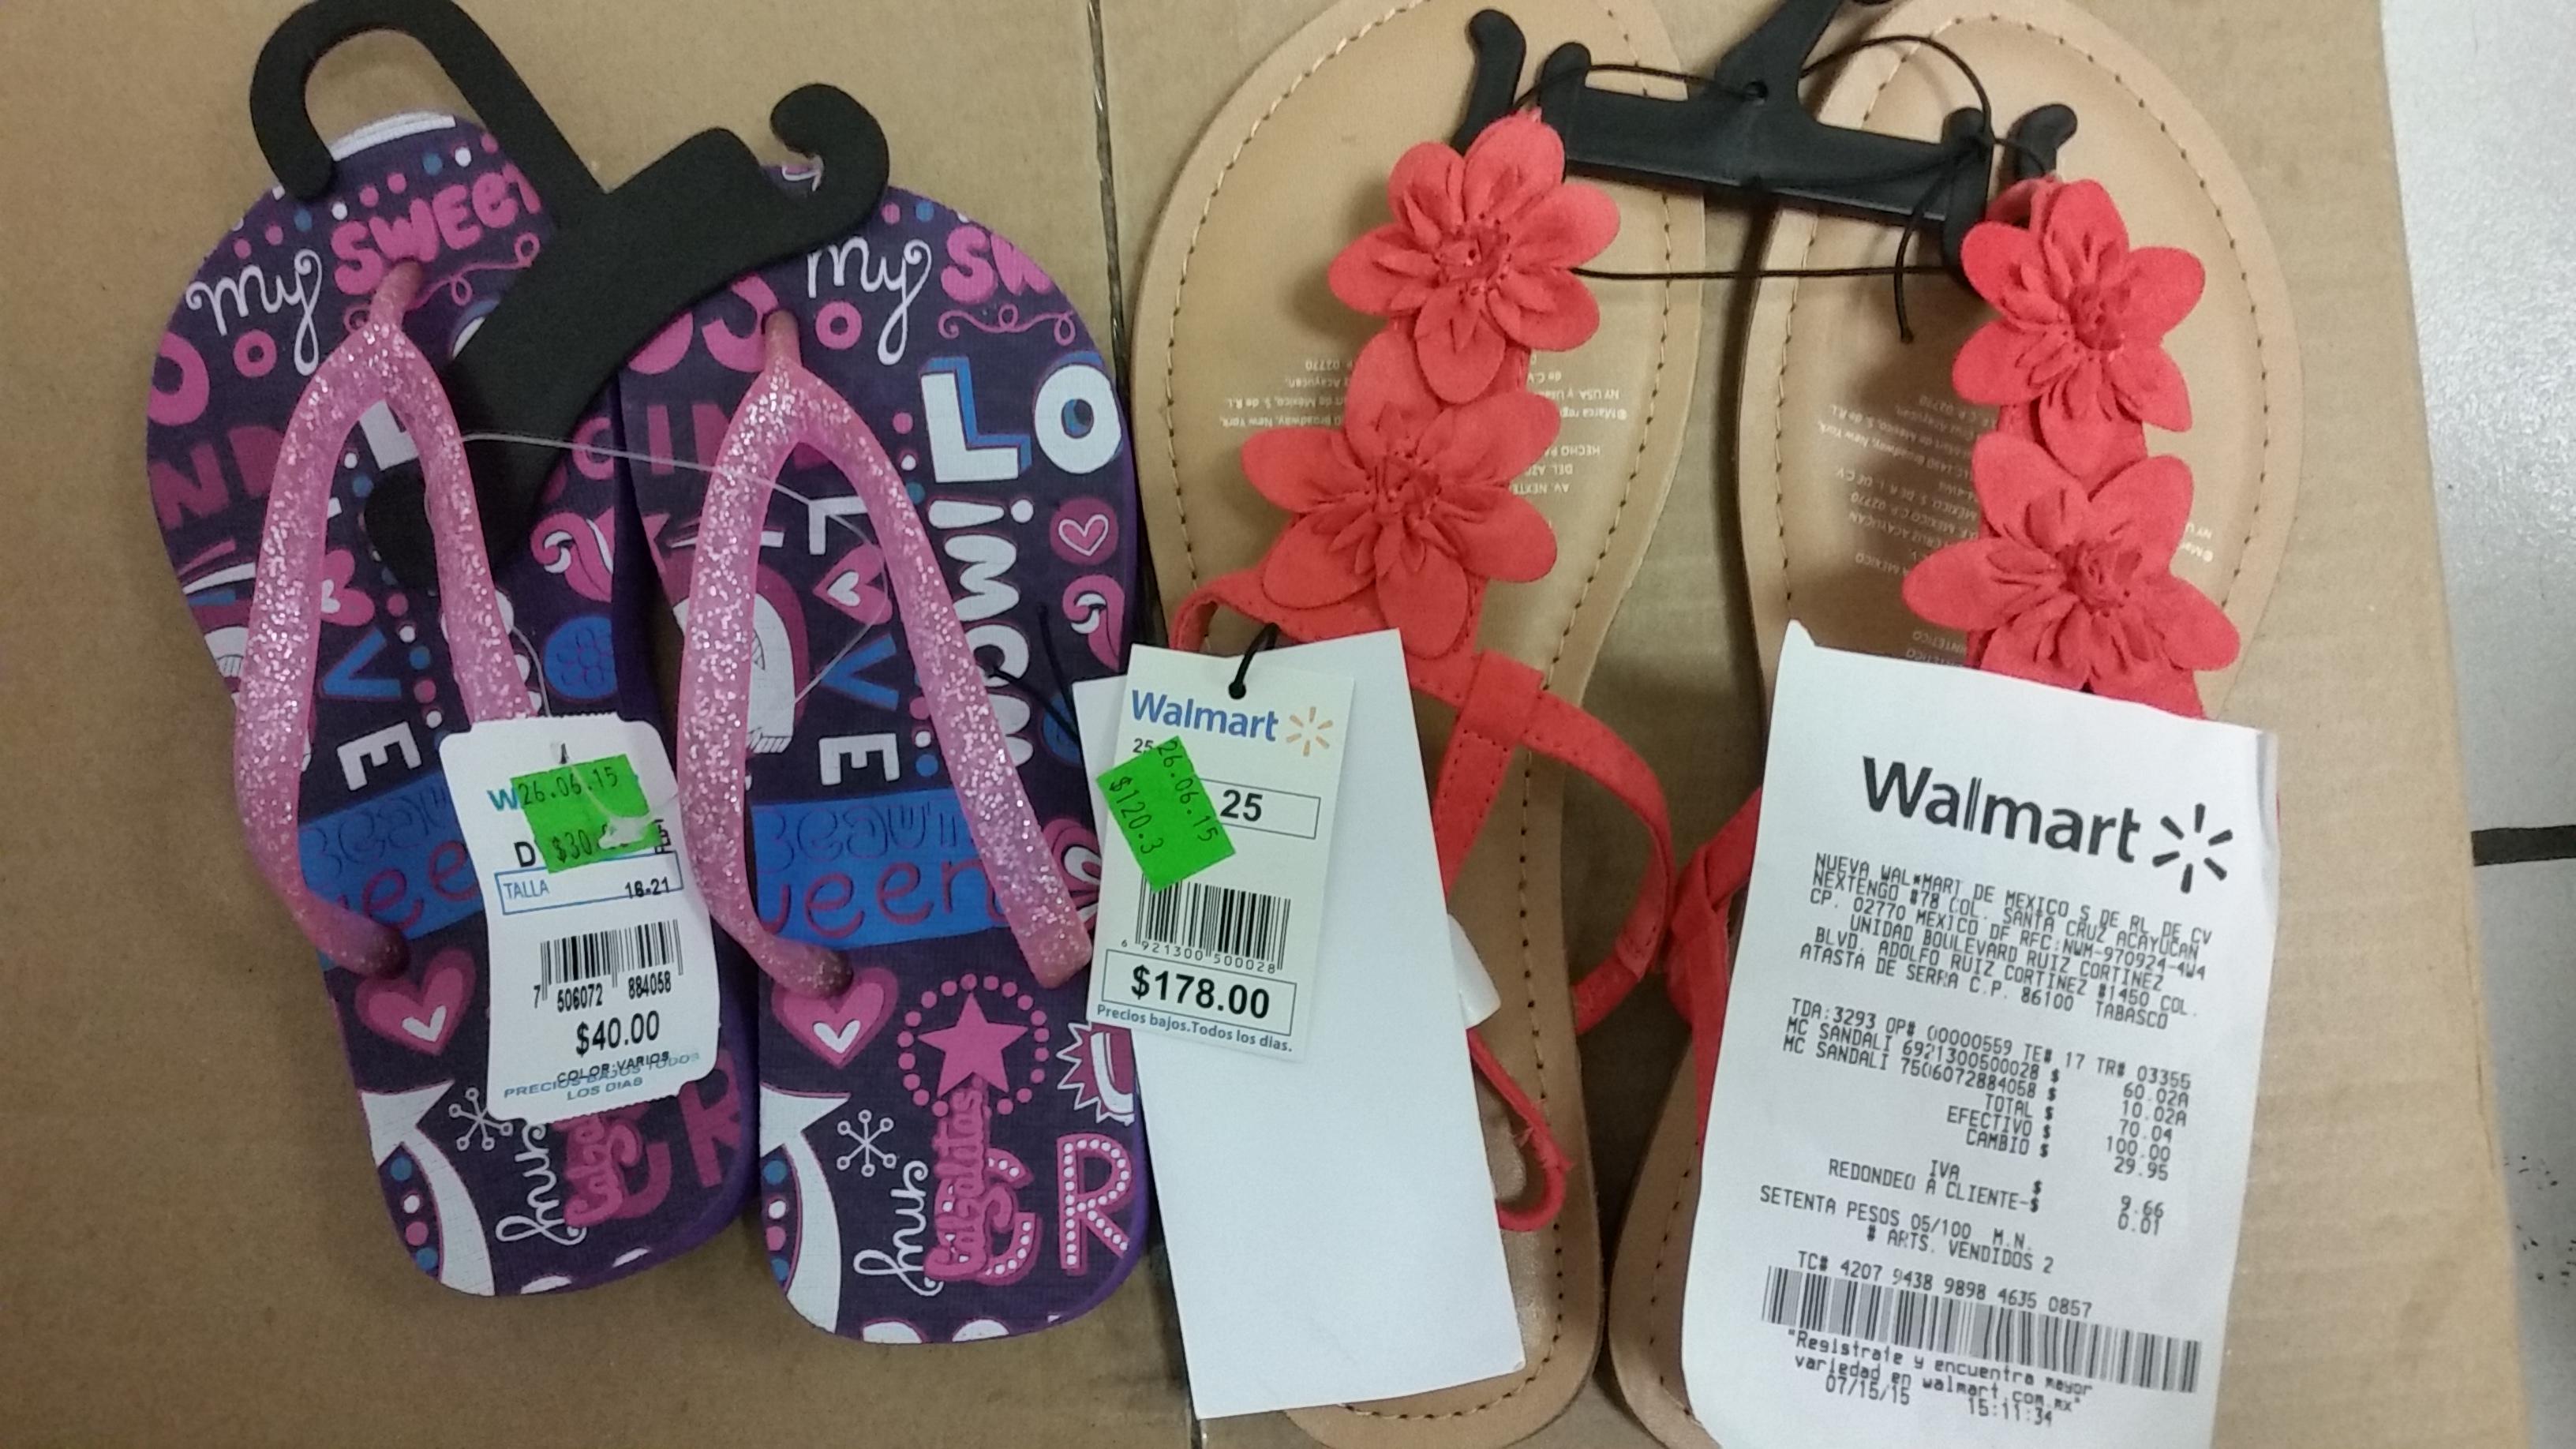 Walmart: liquidacion en zapatos para dama $60 y niños $10